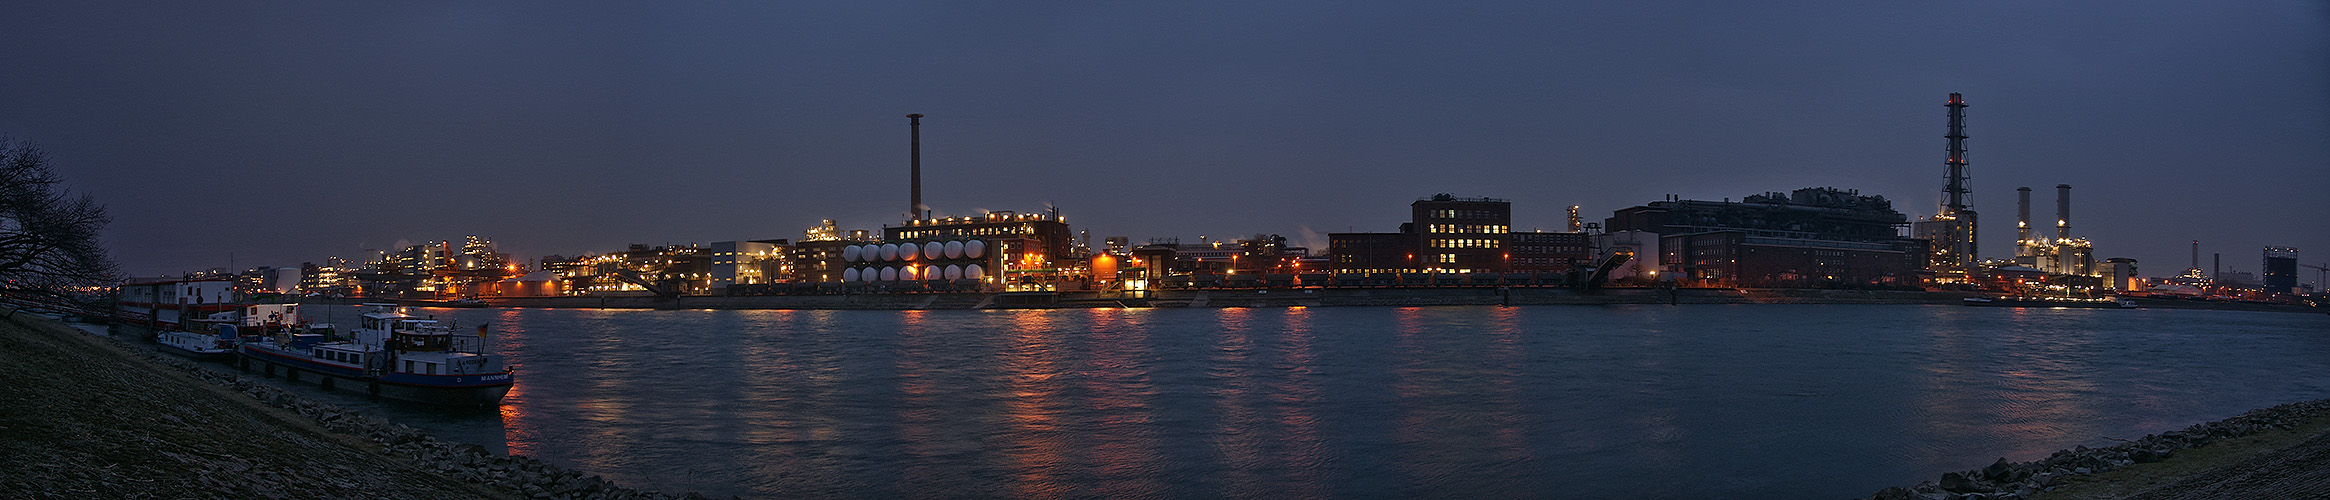 Abends am Rhein